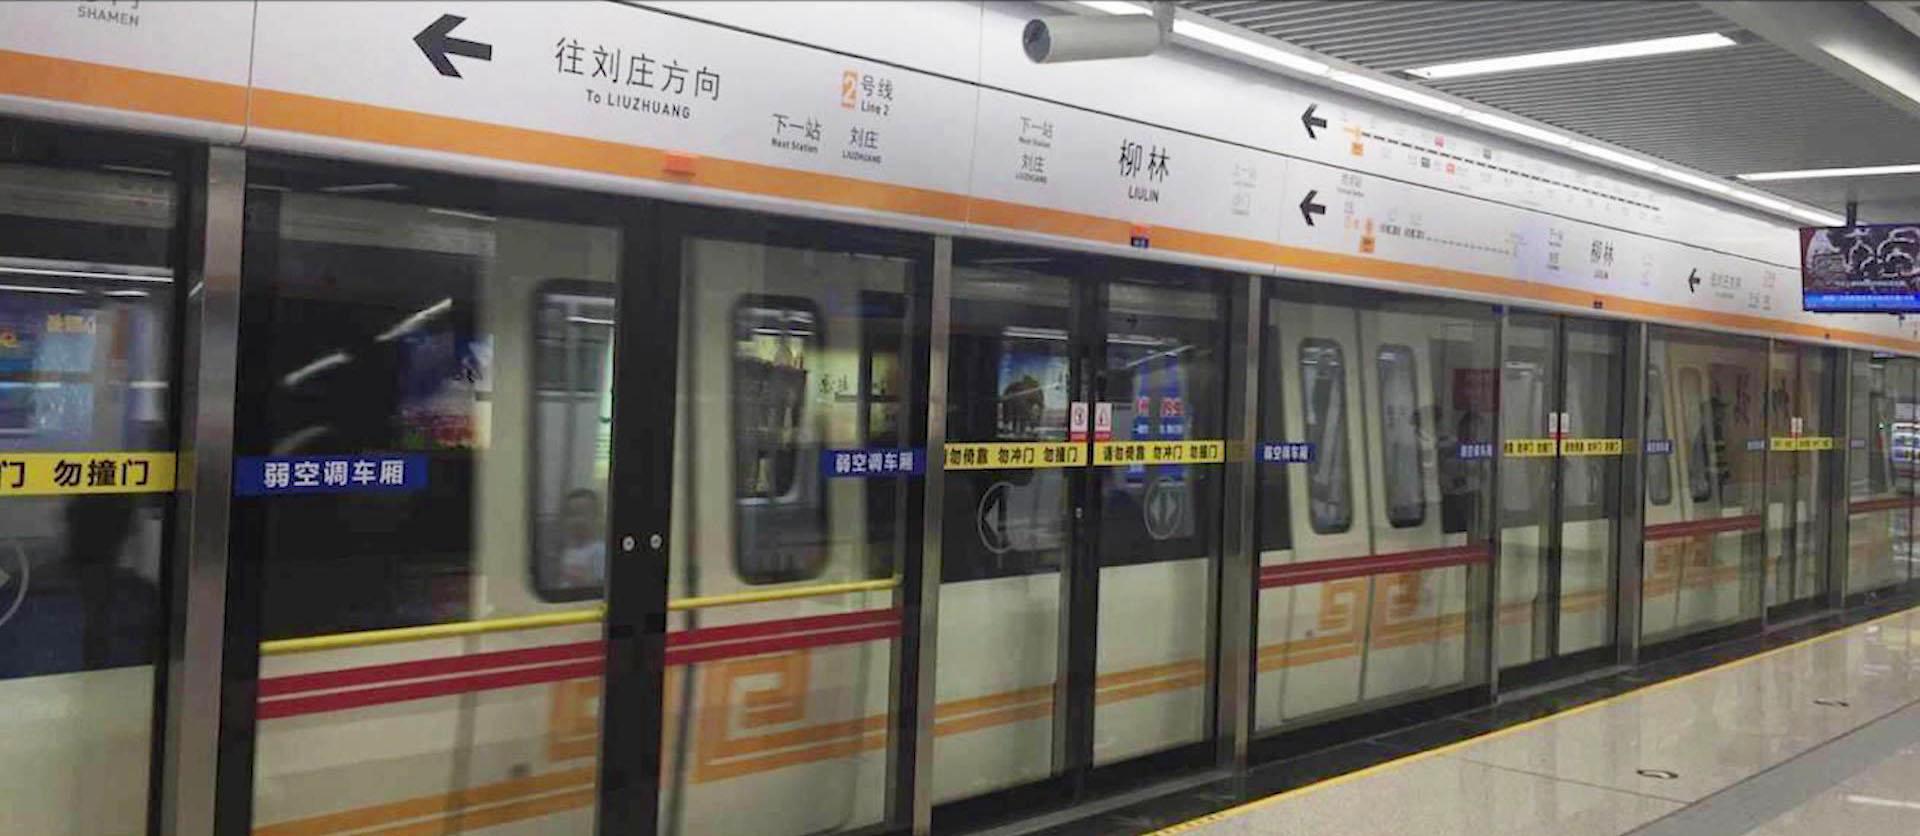 與國內市政交通軌道和機場部分合作項目-鄭州地鐵